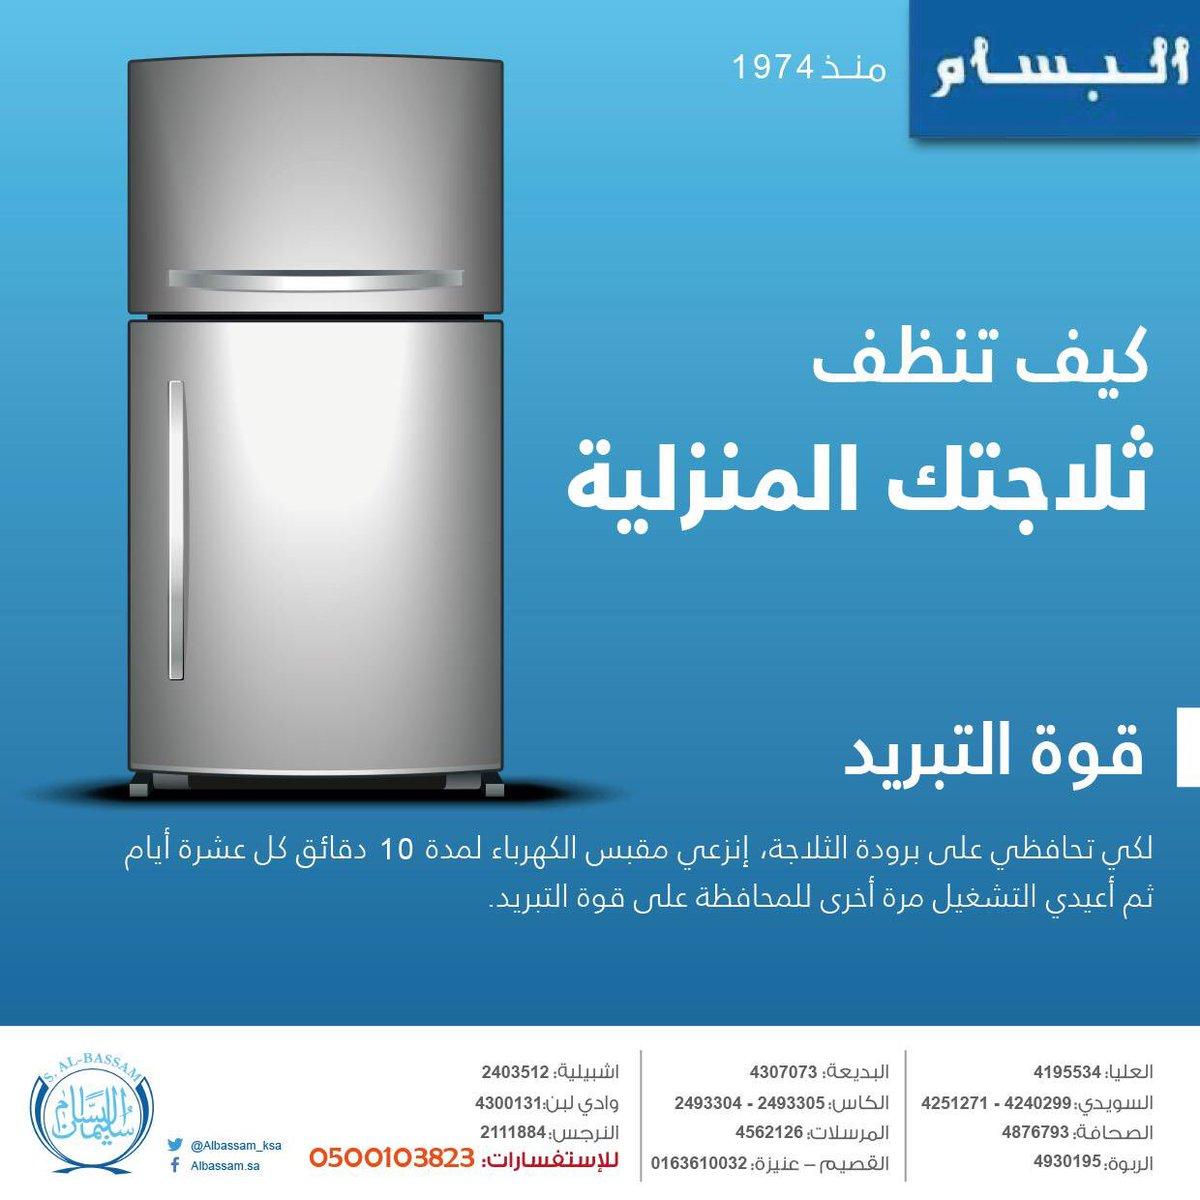 للمحافظة على قوة تبريد الثلاجة ينصح دائم...